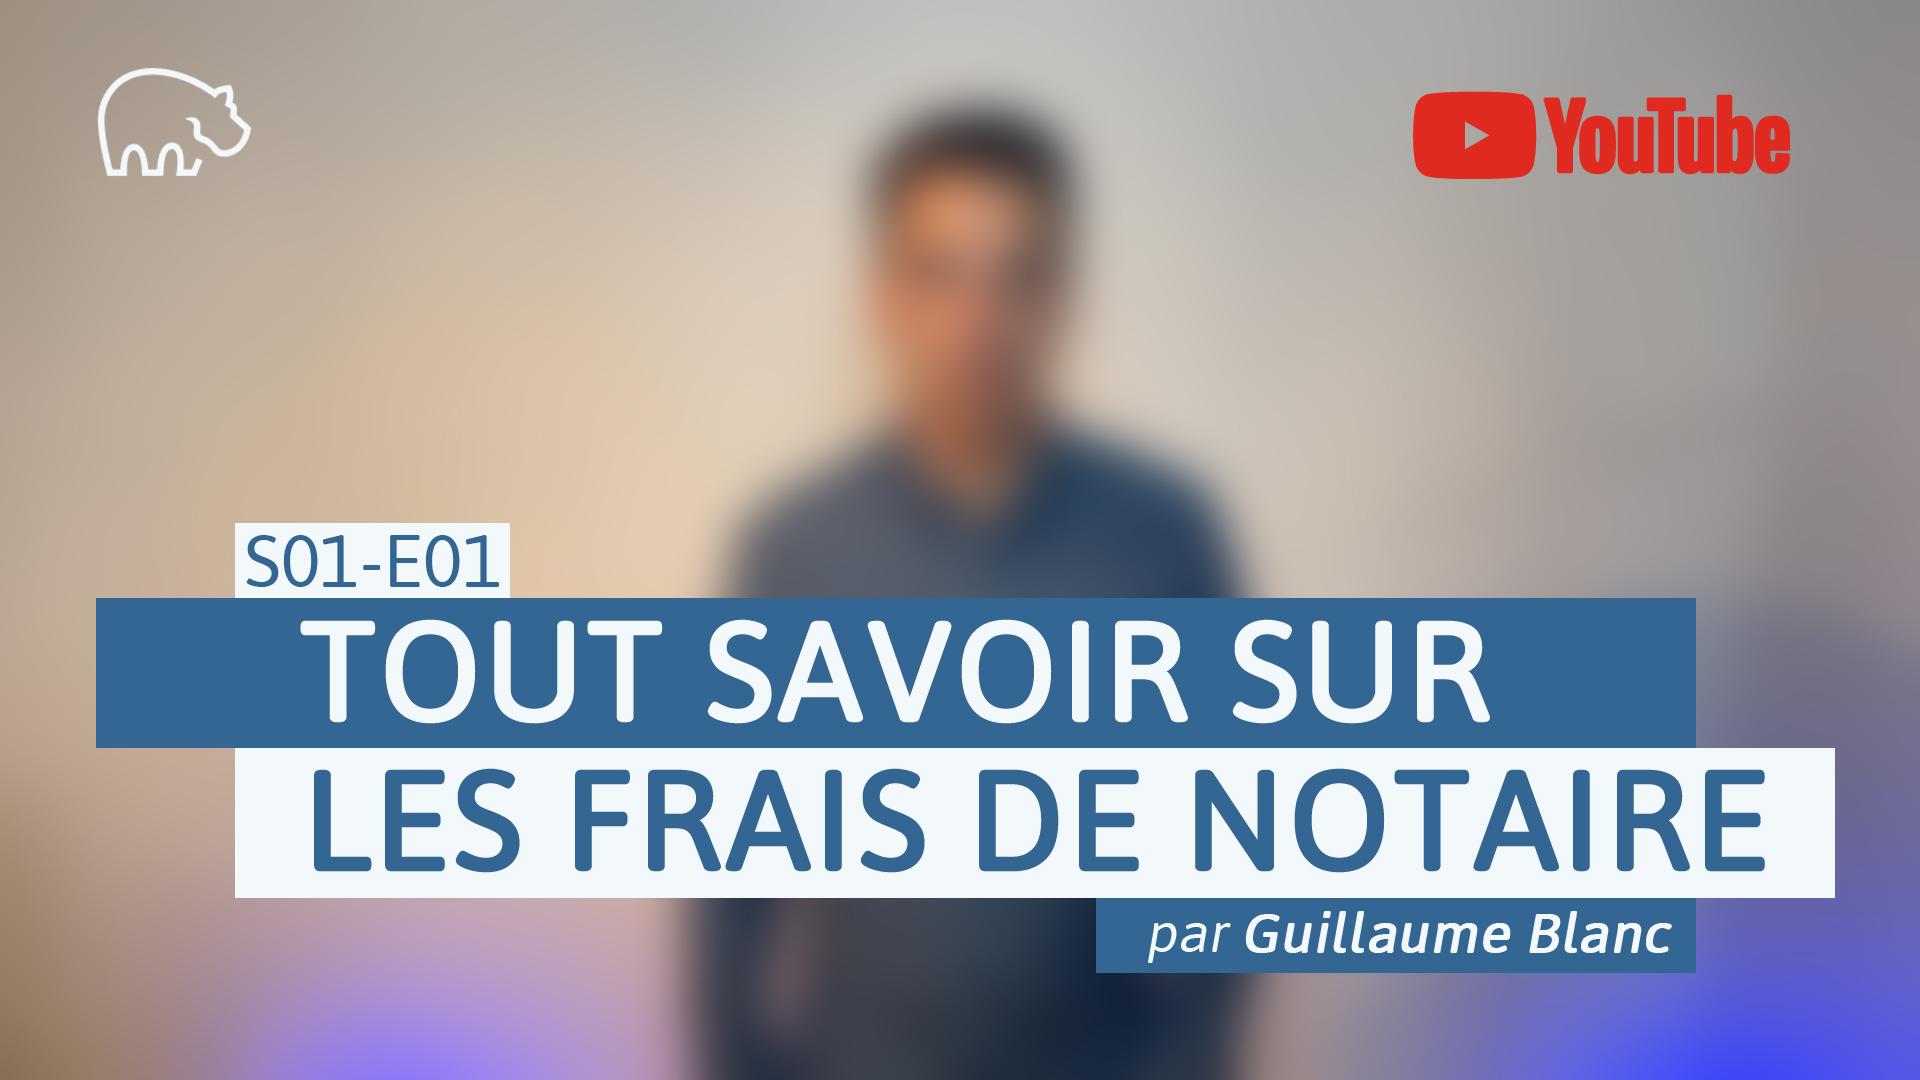 Bannière illustration - ImmoPotamTV - YouTube - Guillaume Blanc - S01-E01 - Tout savoir sur les frais de notaire